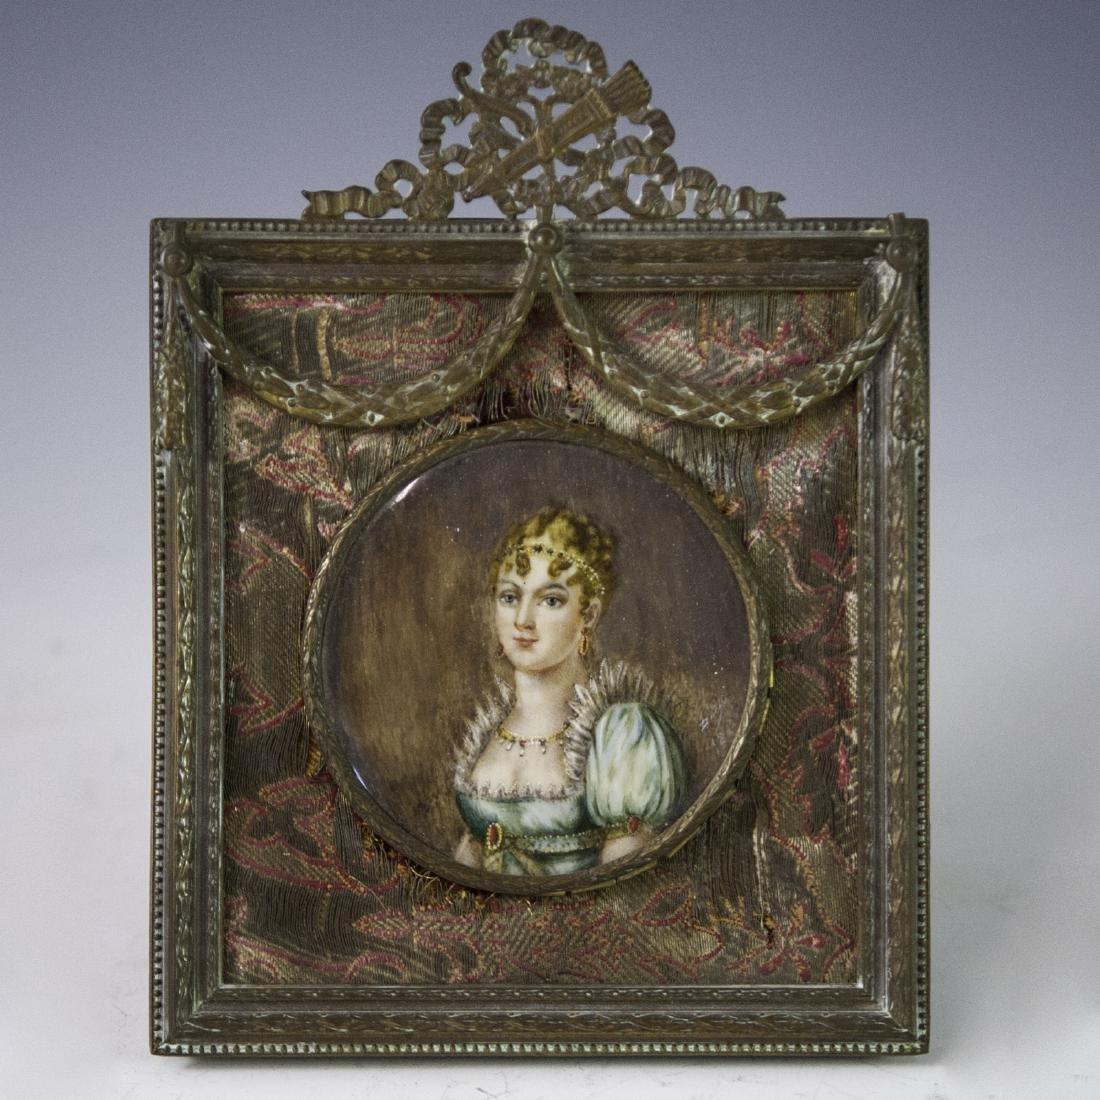 Antique Signed Miniature Portrait